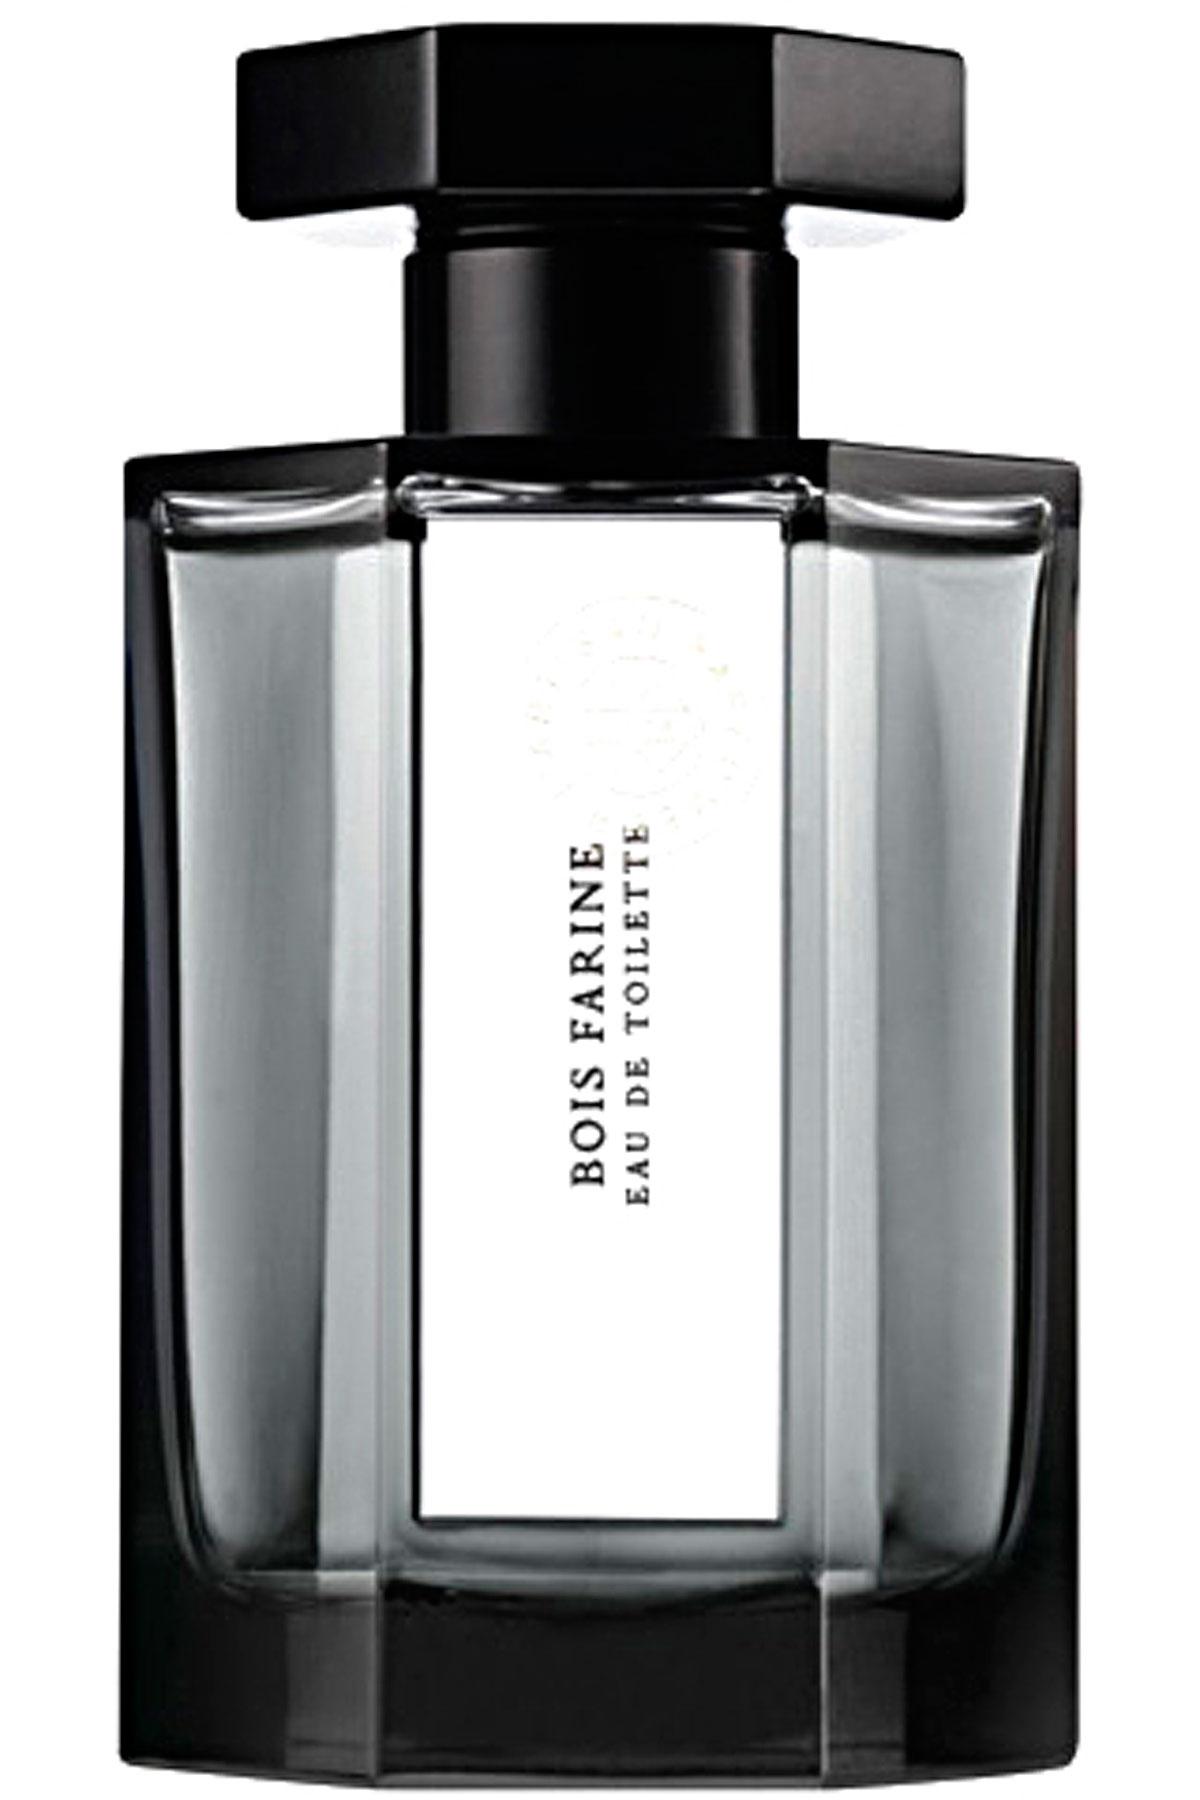 Artisan Parfumeur Fragrances for Men, Bois Farine - Eau De Toilette - 100 Ml, 2019, 100 ml